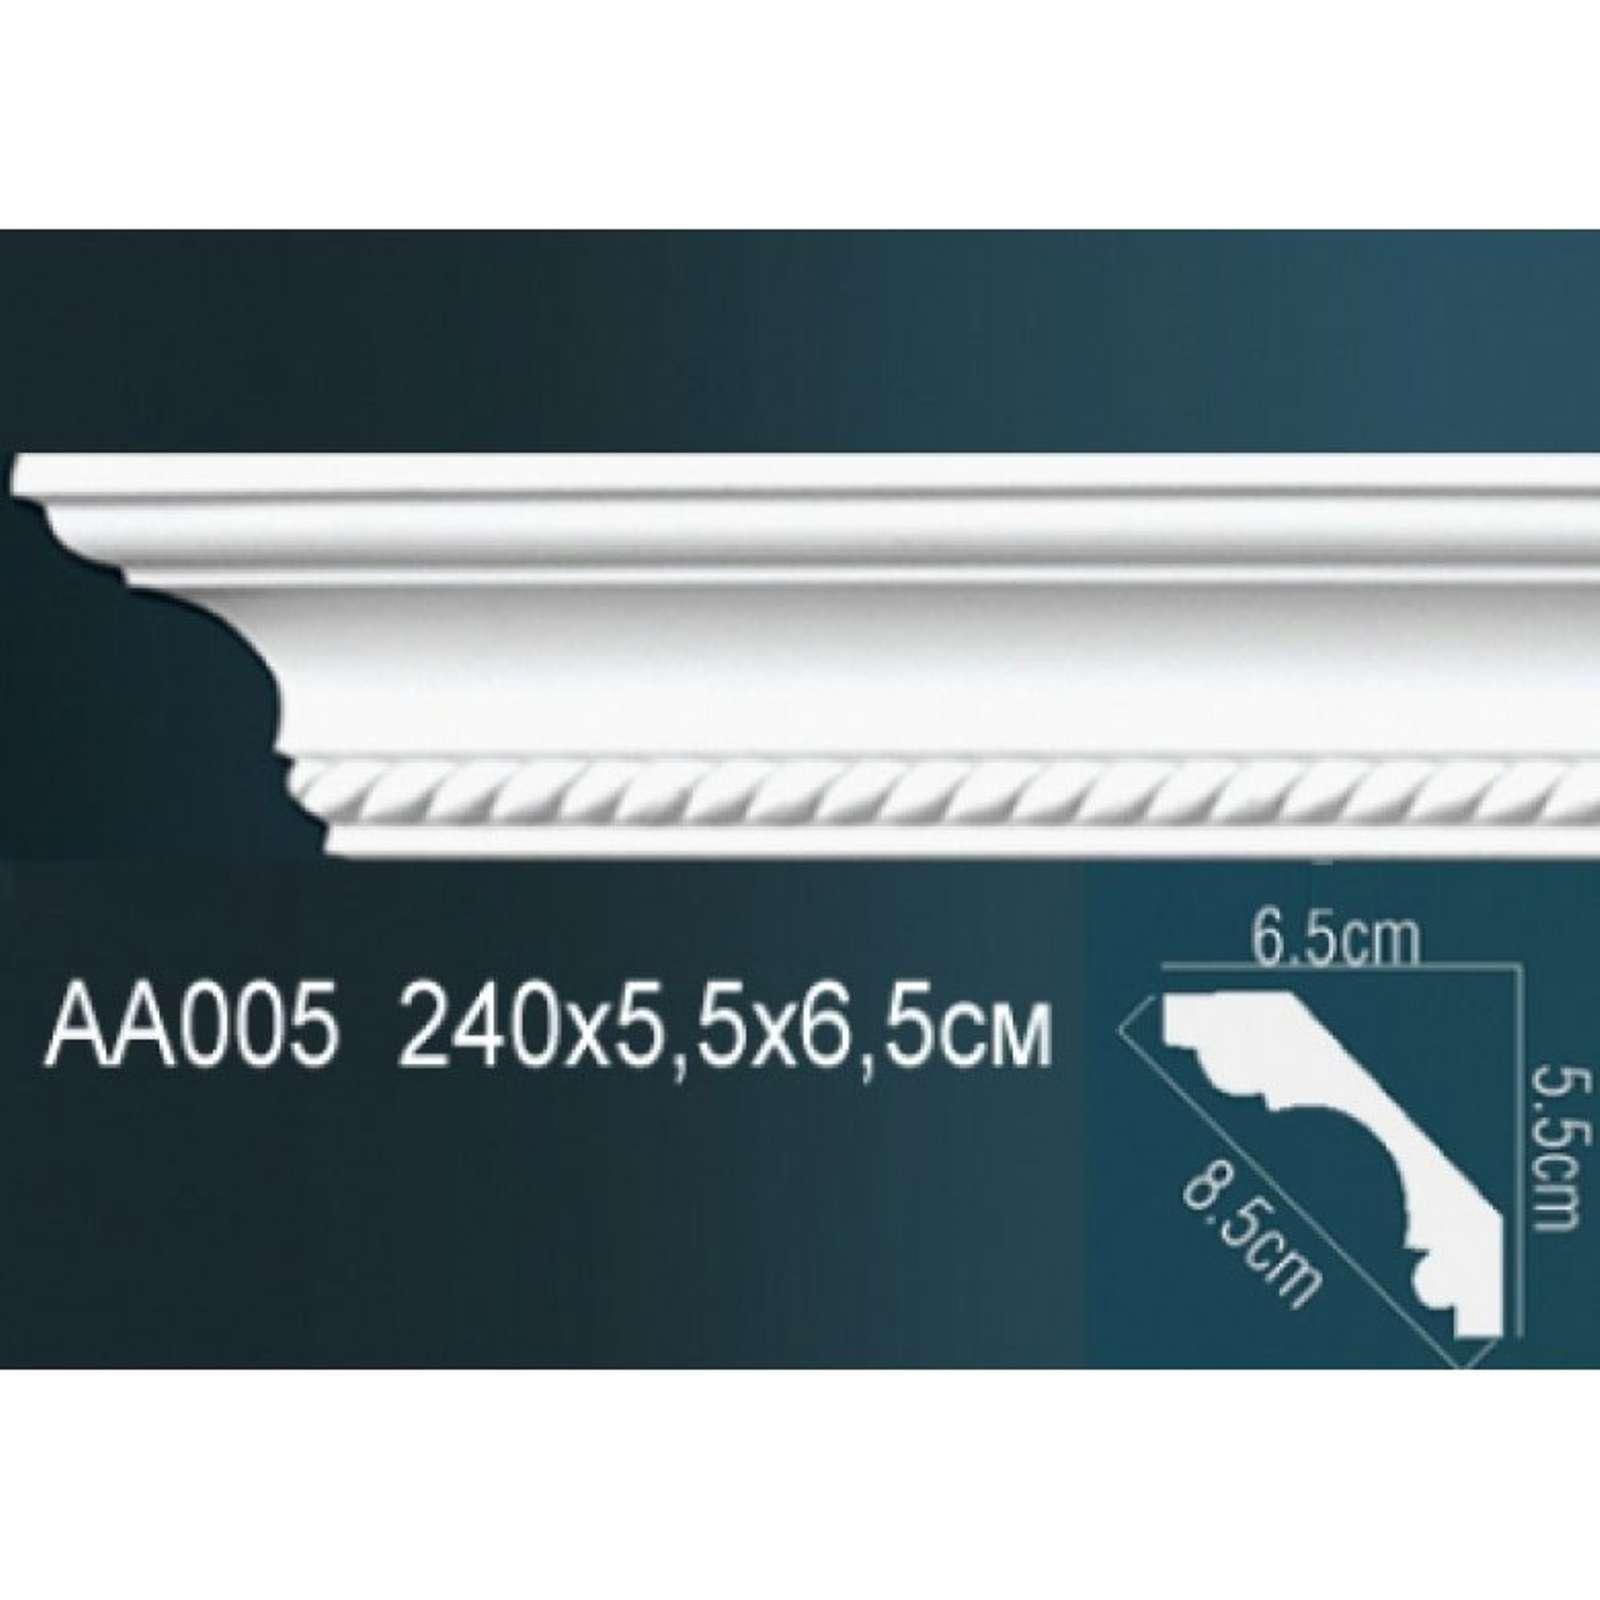 Элемент декоративный из полиуретана, карниз AA005, 55x65x2400 мм, Белый